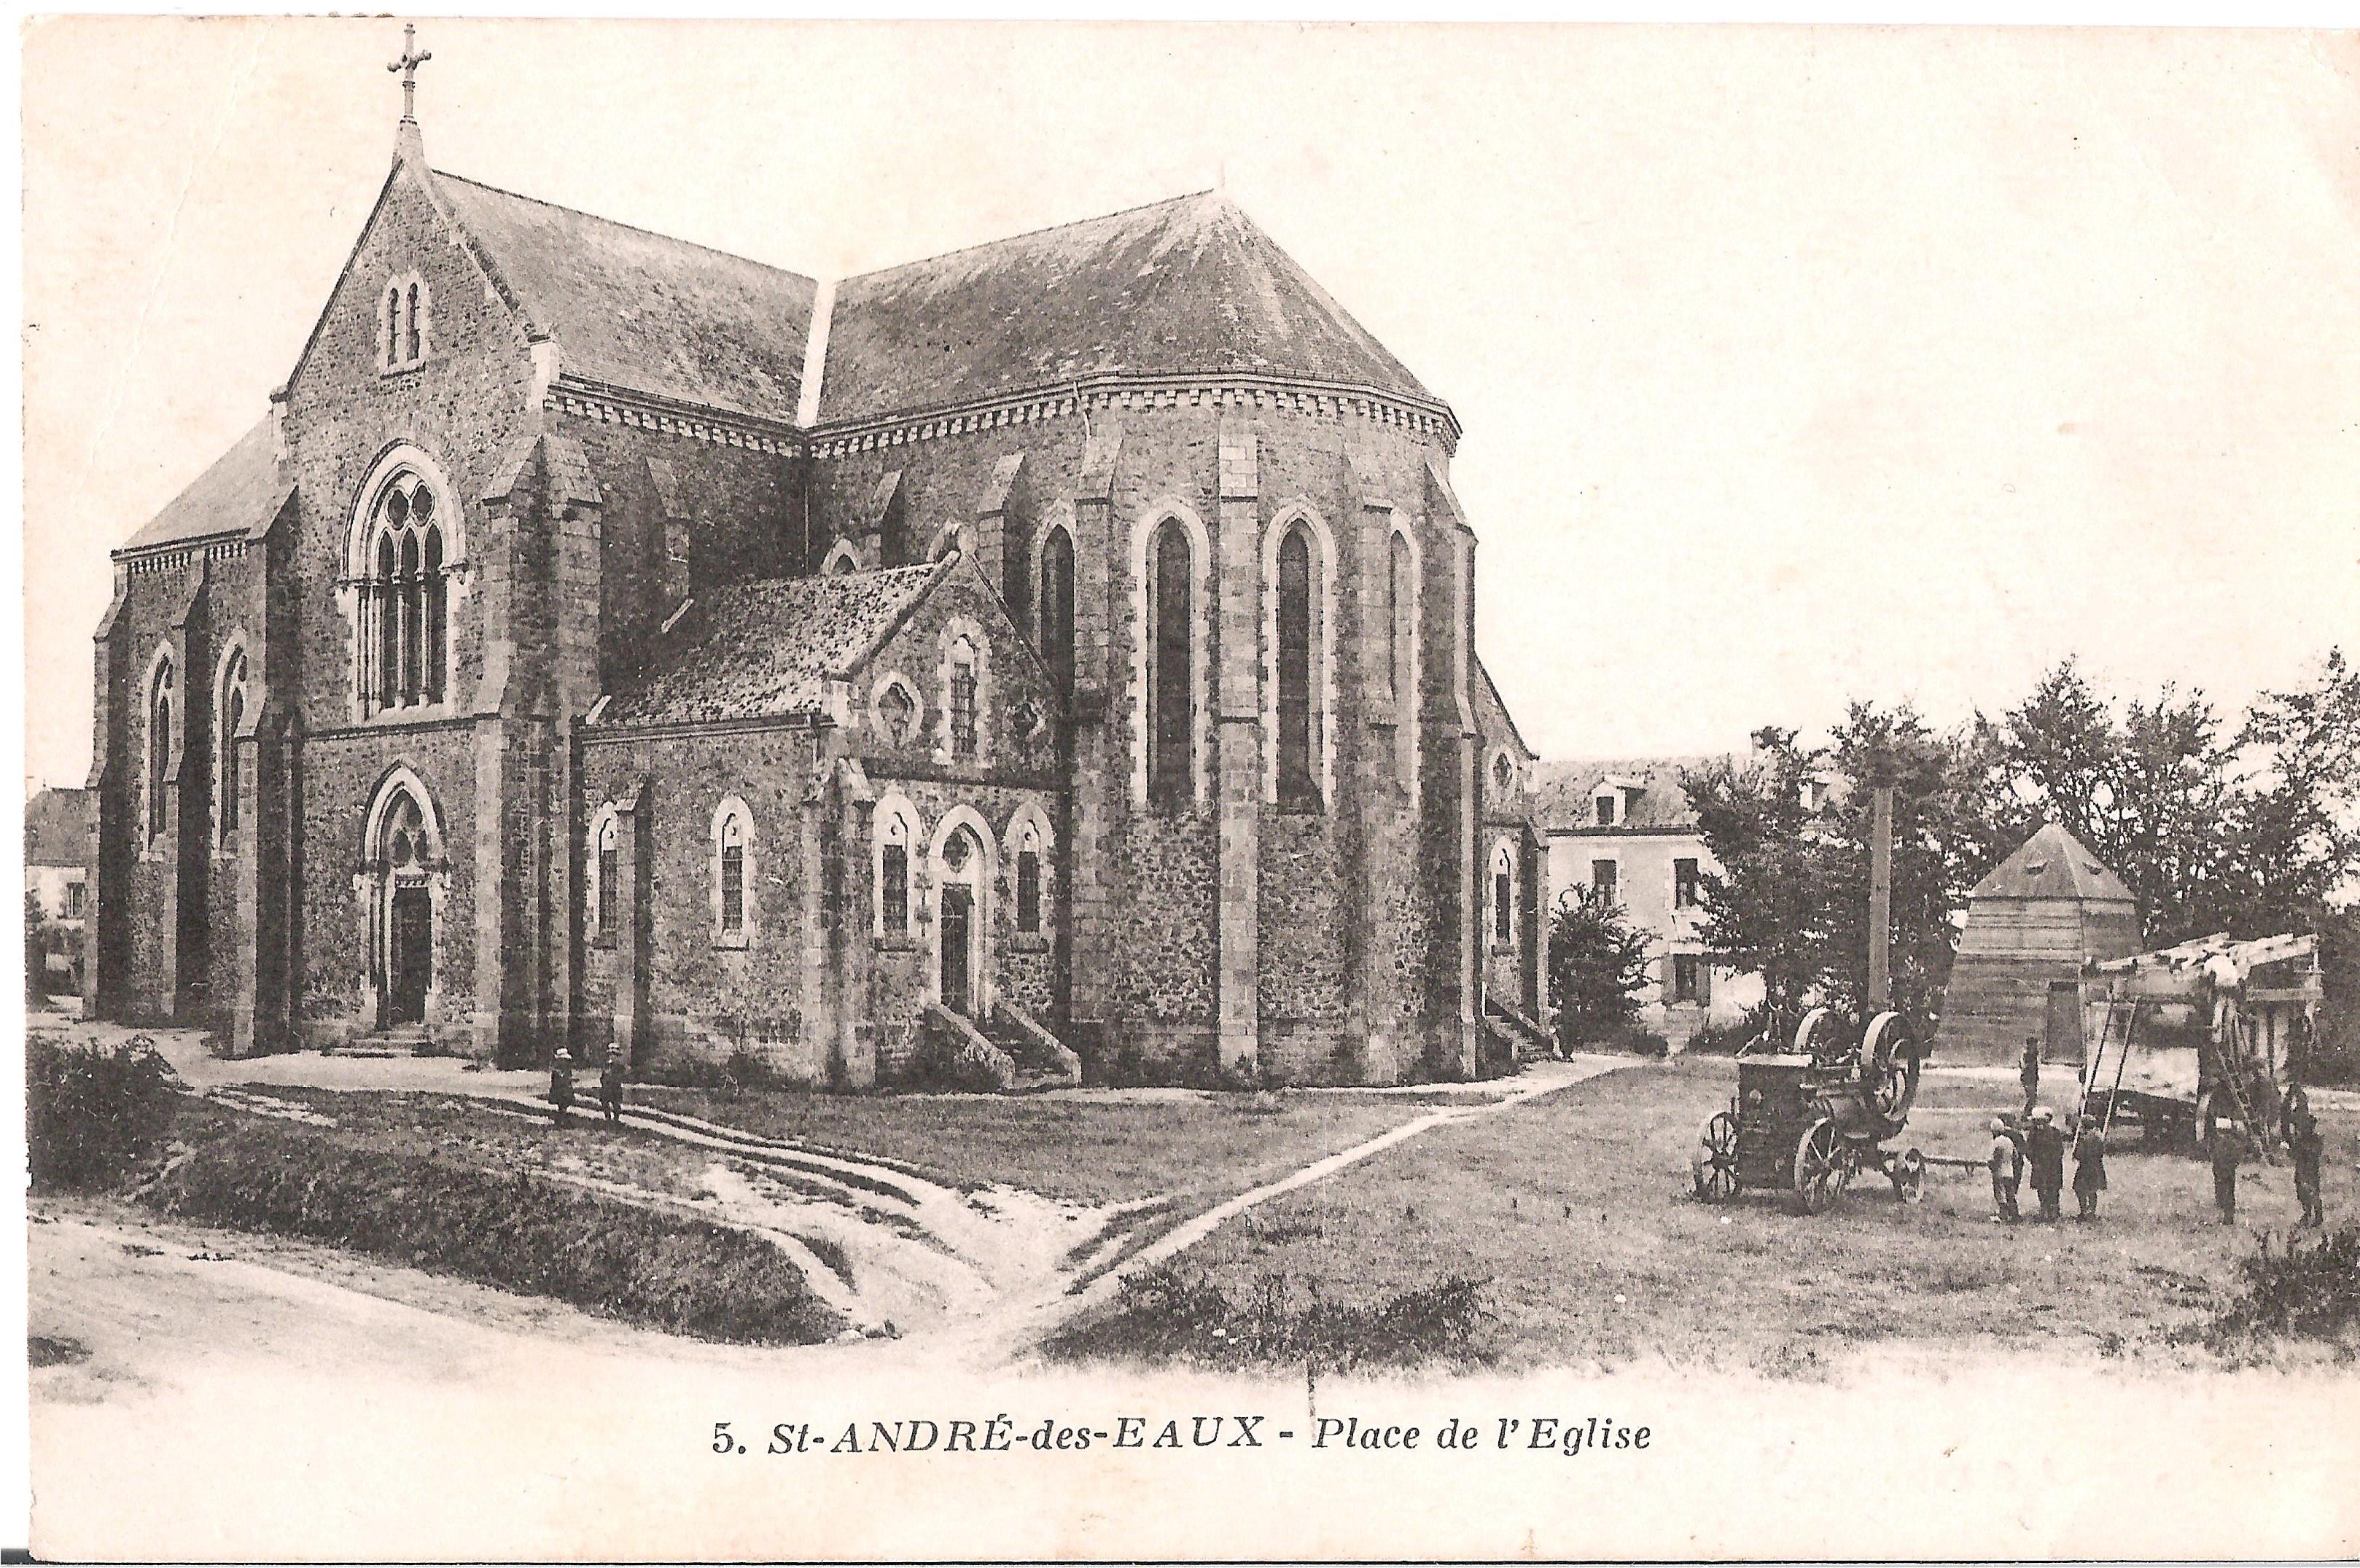 5 St-ANDRE-des-EAUX - Place de L'Eglise